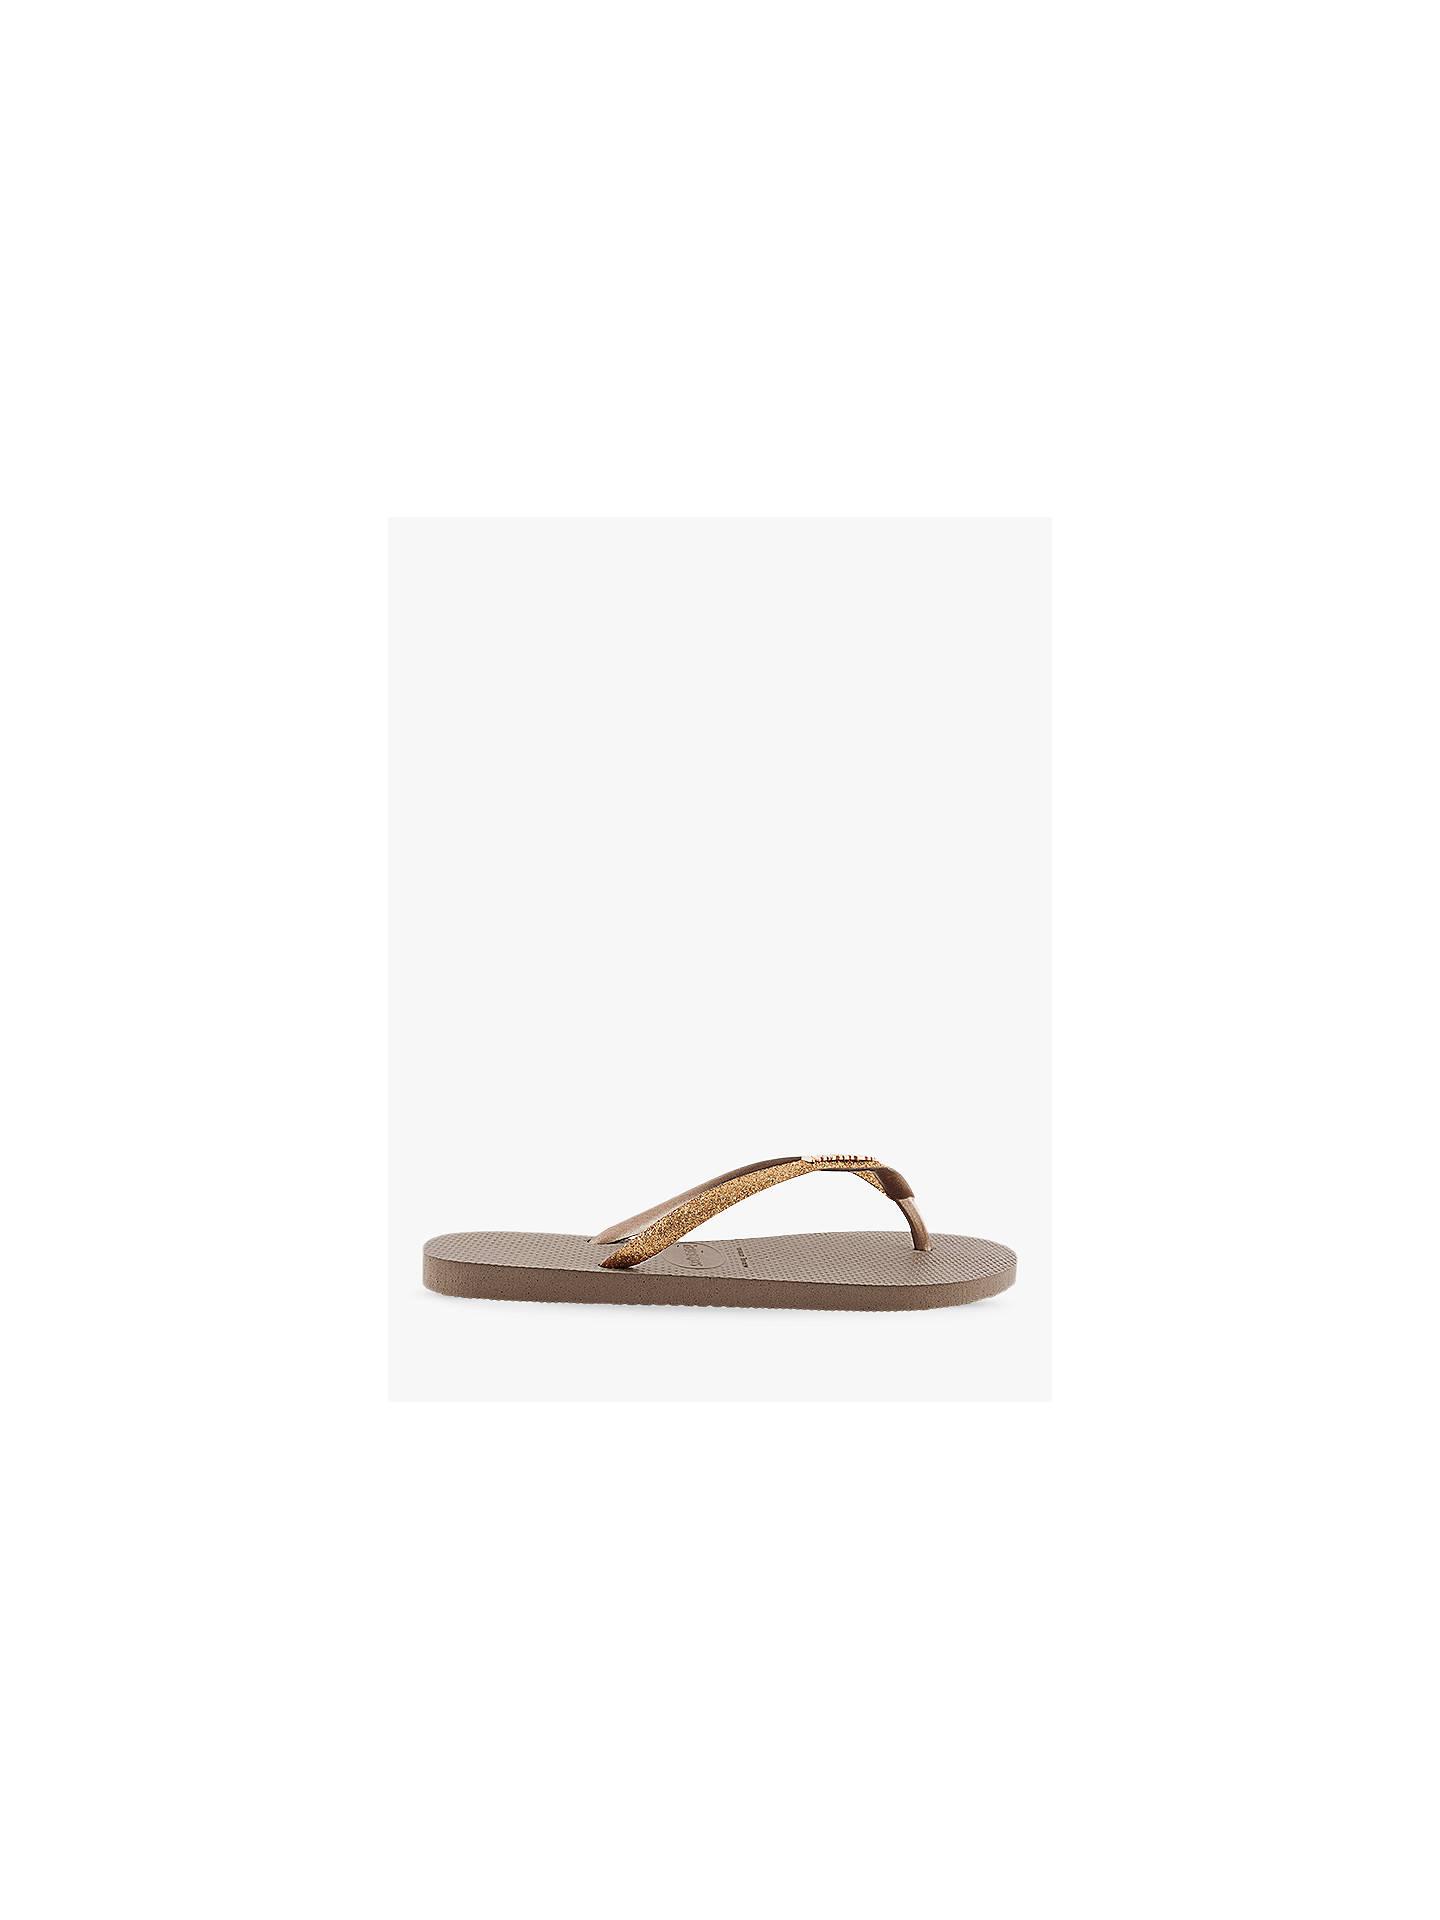 8de028491cd8 Buy Havaianas Slim Glitter Flip Flops